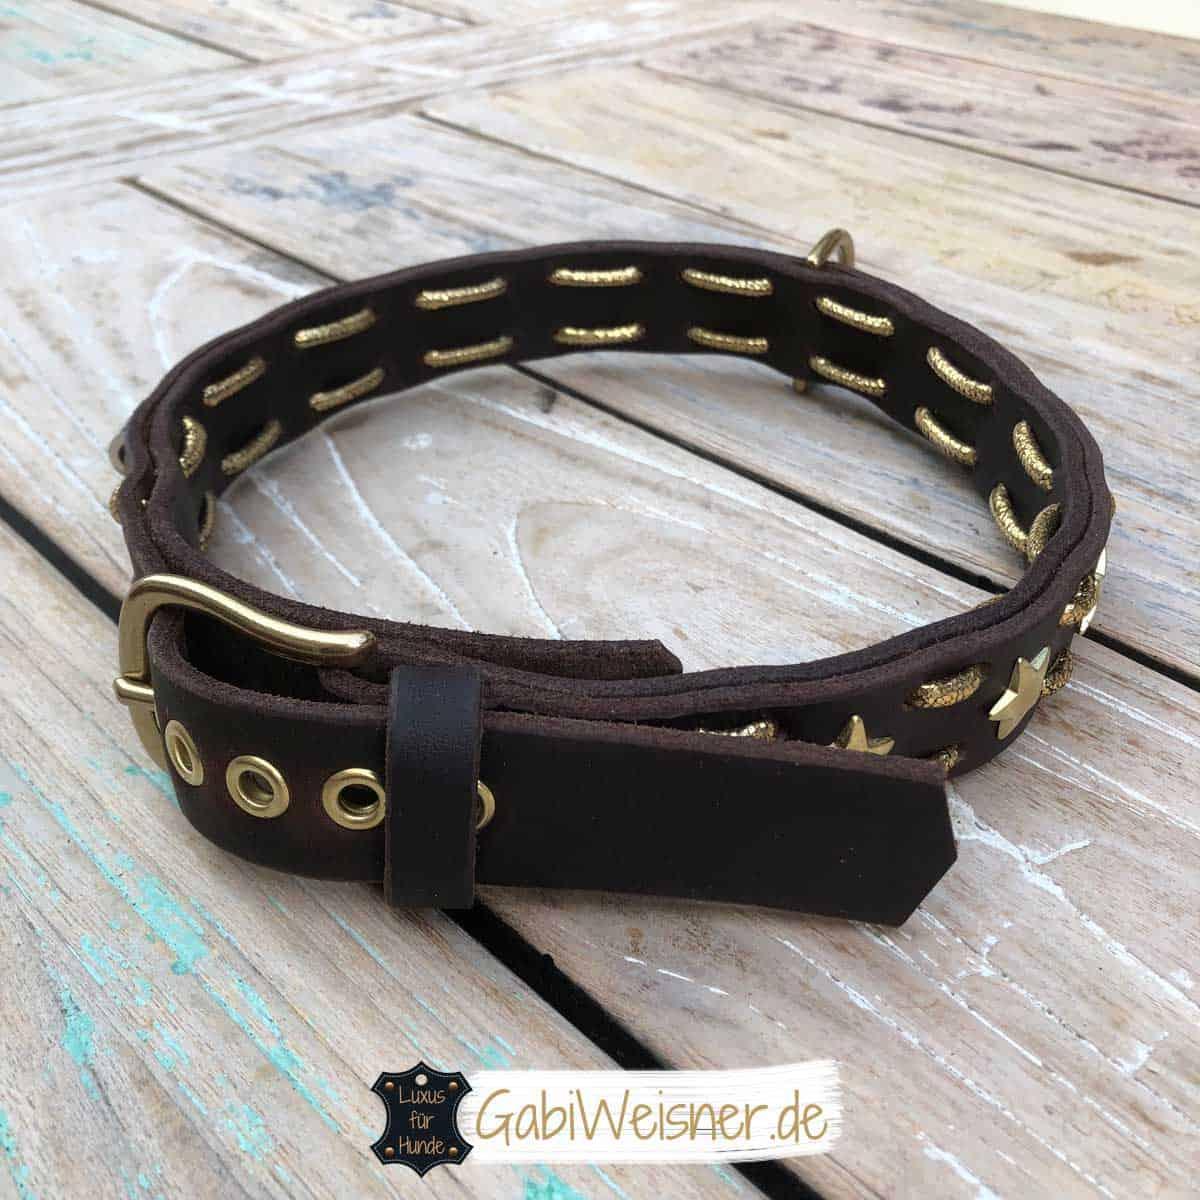 Hundehalsband für große Hunde Leder 3 cm breit